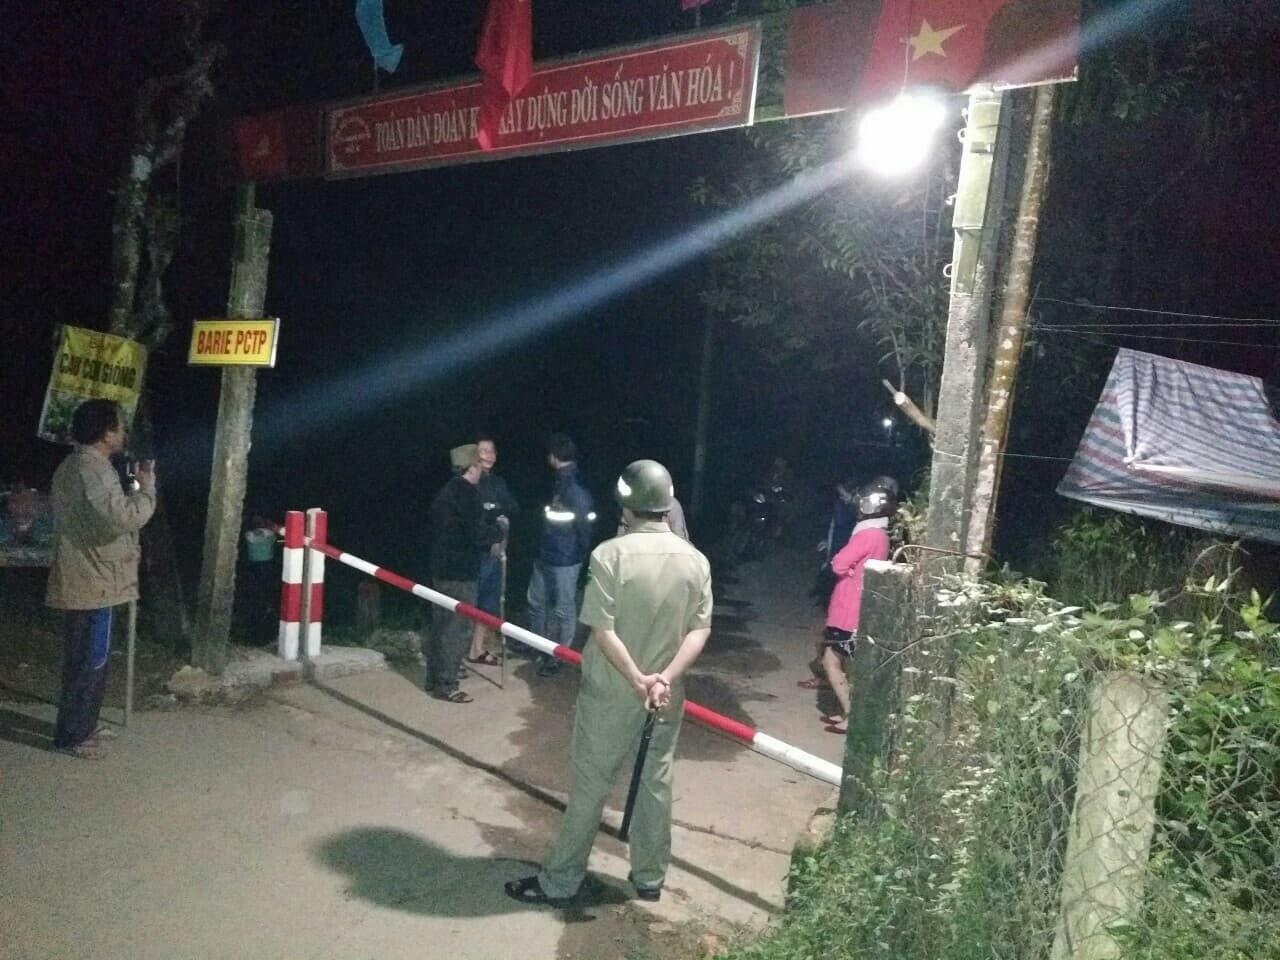 Thành viên đội xung kích cùng người dân đóng cổng Barie để truy bắt tội phạm. Ảnh: T.A